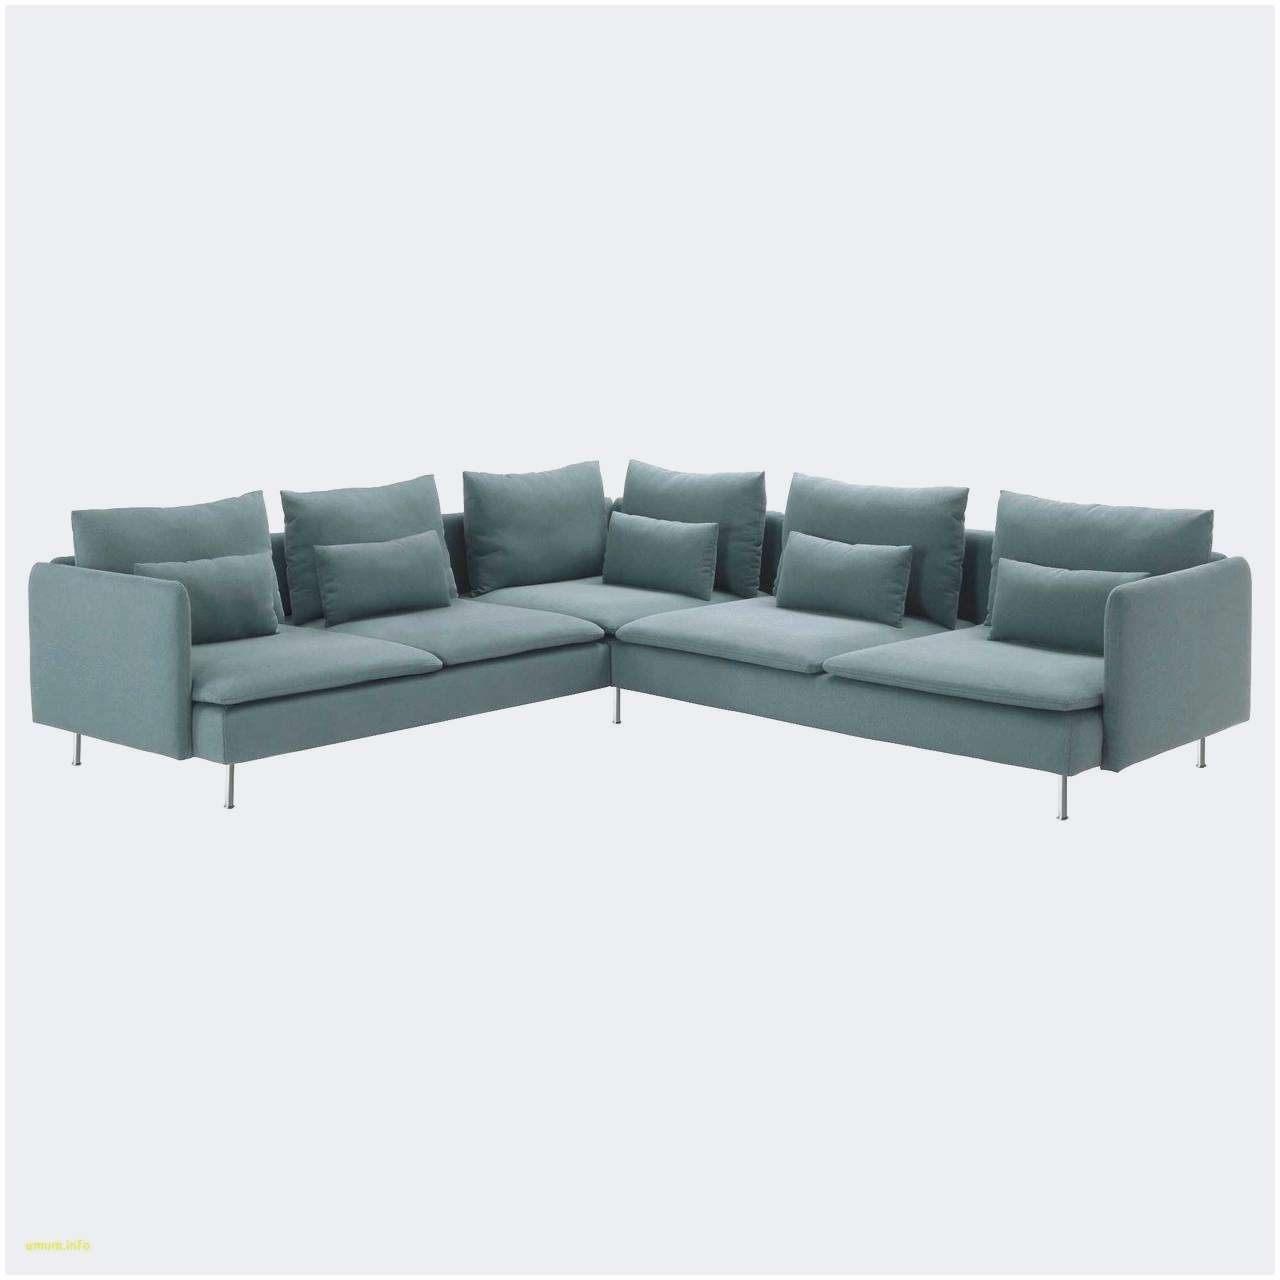 Canapé Lit Poltronesofa Génial Impressionnant Colorer Un Canapé En Cuir Inspirational Ikea Salon En